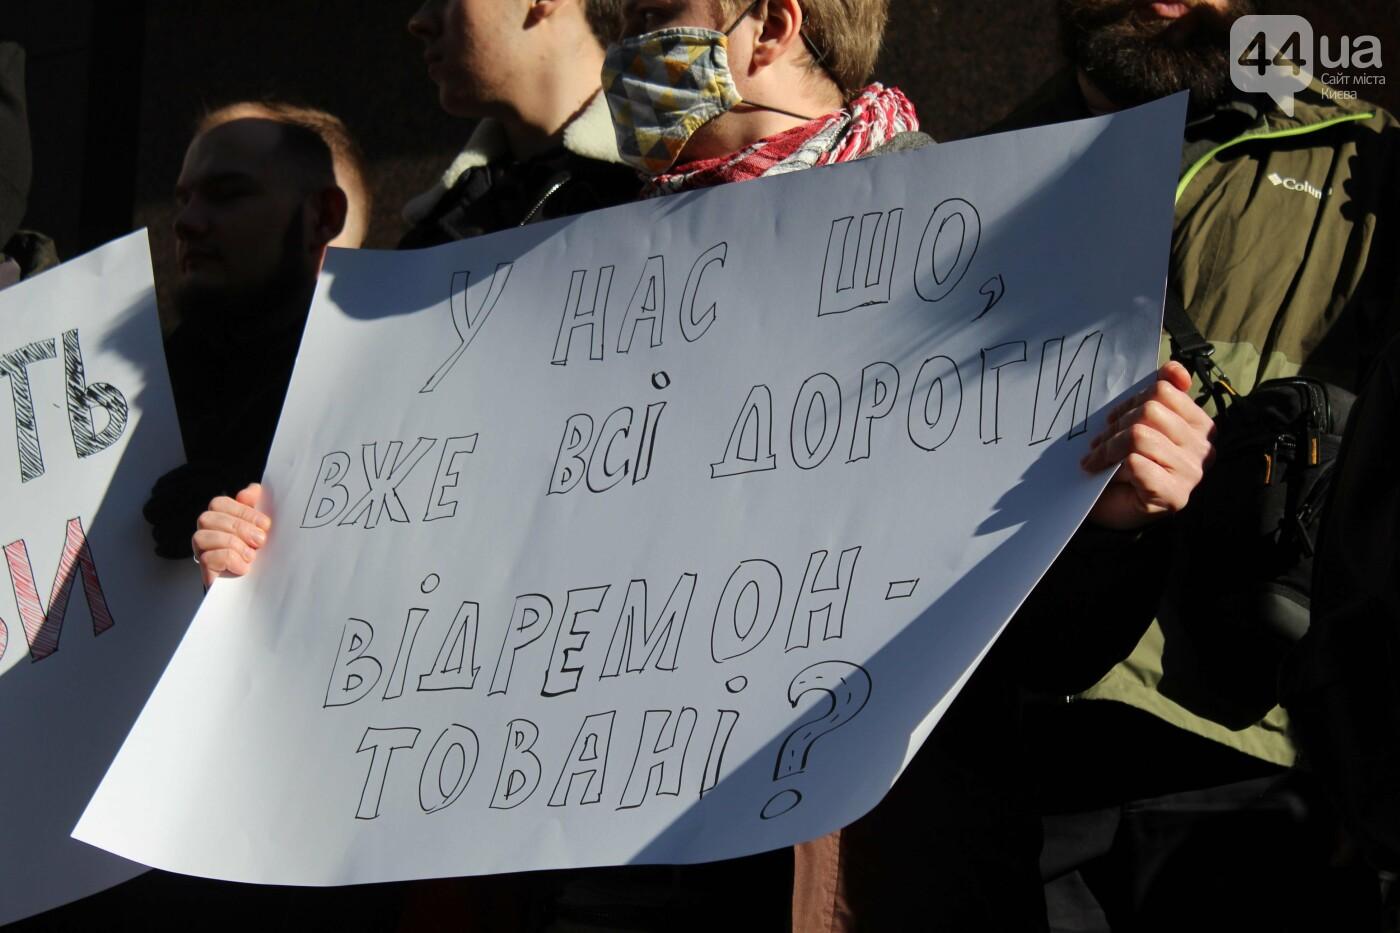 Активисты пришли под здание комитетов Верховной Рады Украины, Фото: 44.ua